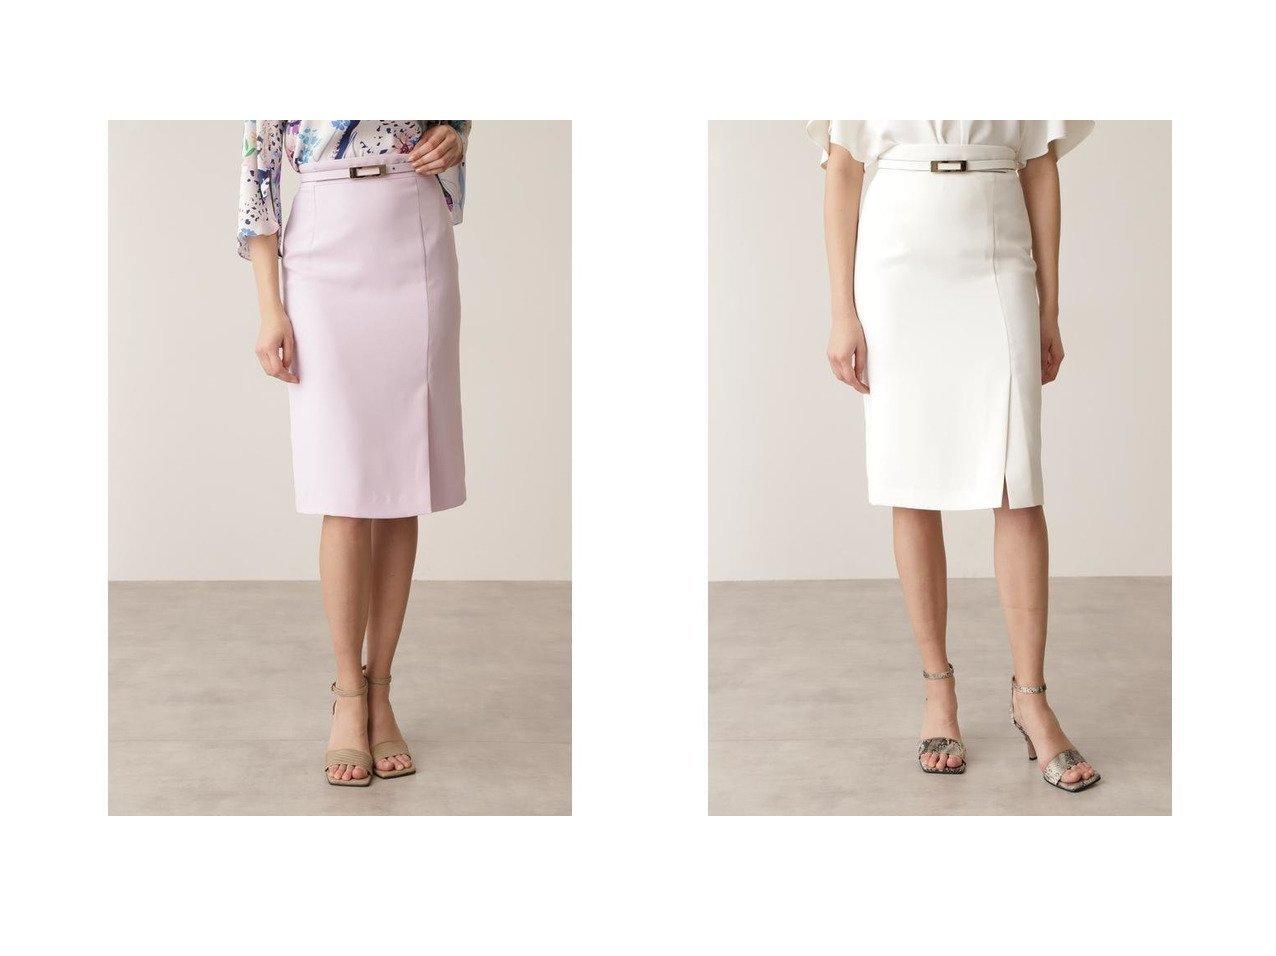 【Pinky&Dianne/ピンキーアンドダイアン】の2WAYベルト付きタイトスカート 【スカート】おすすめ!人気、トレンド・レディースファッションの通販 おすすめで人気の流行・トレンド、ファッションの通販商品 インテリア・家具・メンズファッション・キッズファッション・レディースファッション・服の通販 founy(ファニー) https://founy.com/ ファッション Fashion レディースファッション WOMEN スカート Skirt ベルト Belts シンプル スタンダード セットアップ タイトスカート パイピング 再入荷 Restock/Back in Stock/Re Arrival |ID:crp329100000044073